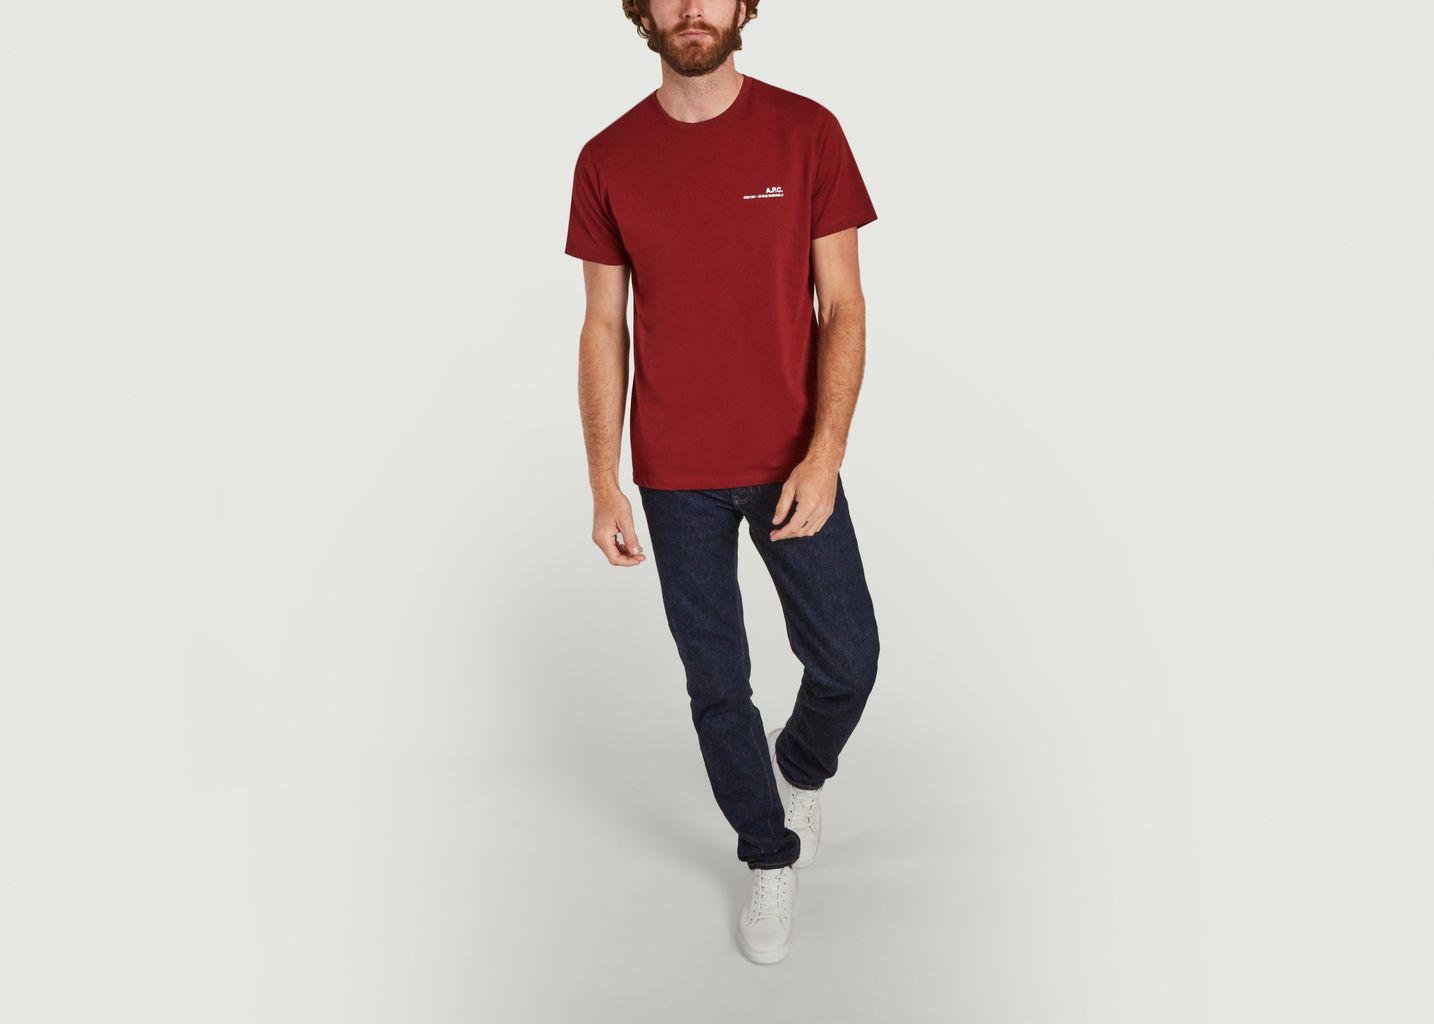 Tee-shirt Item - A.P.C.